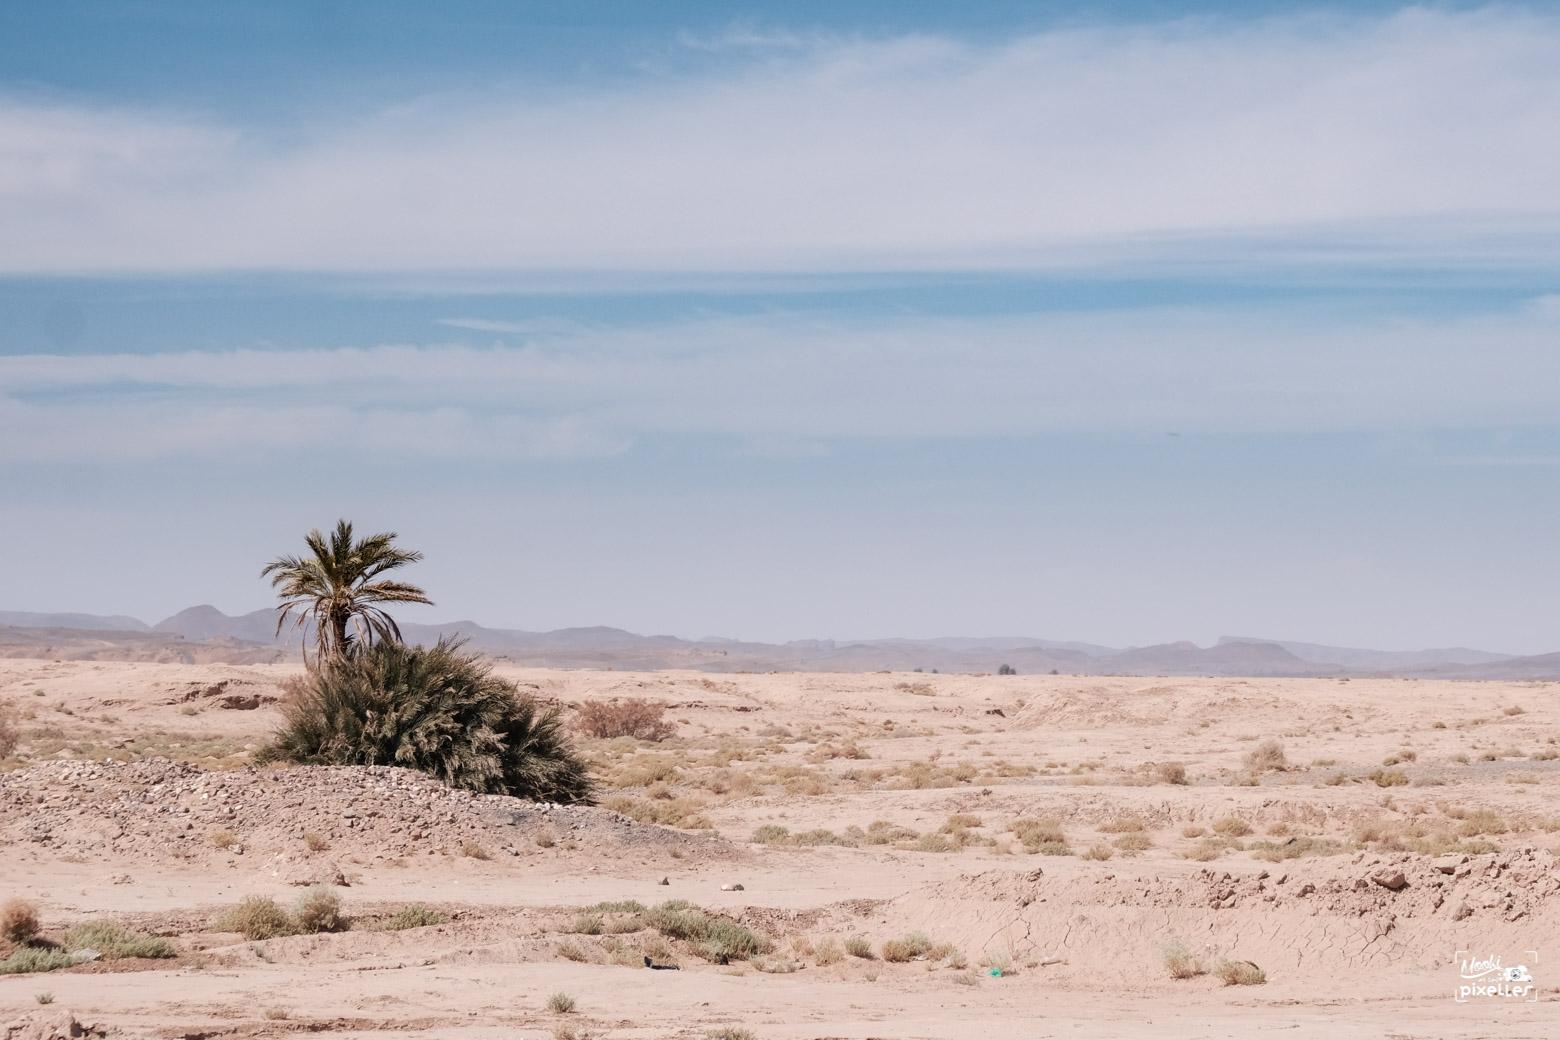 Un palmier tout seul dans le désert au Maroc